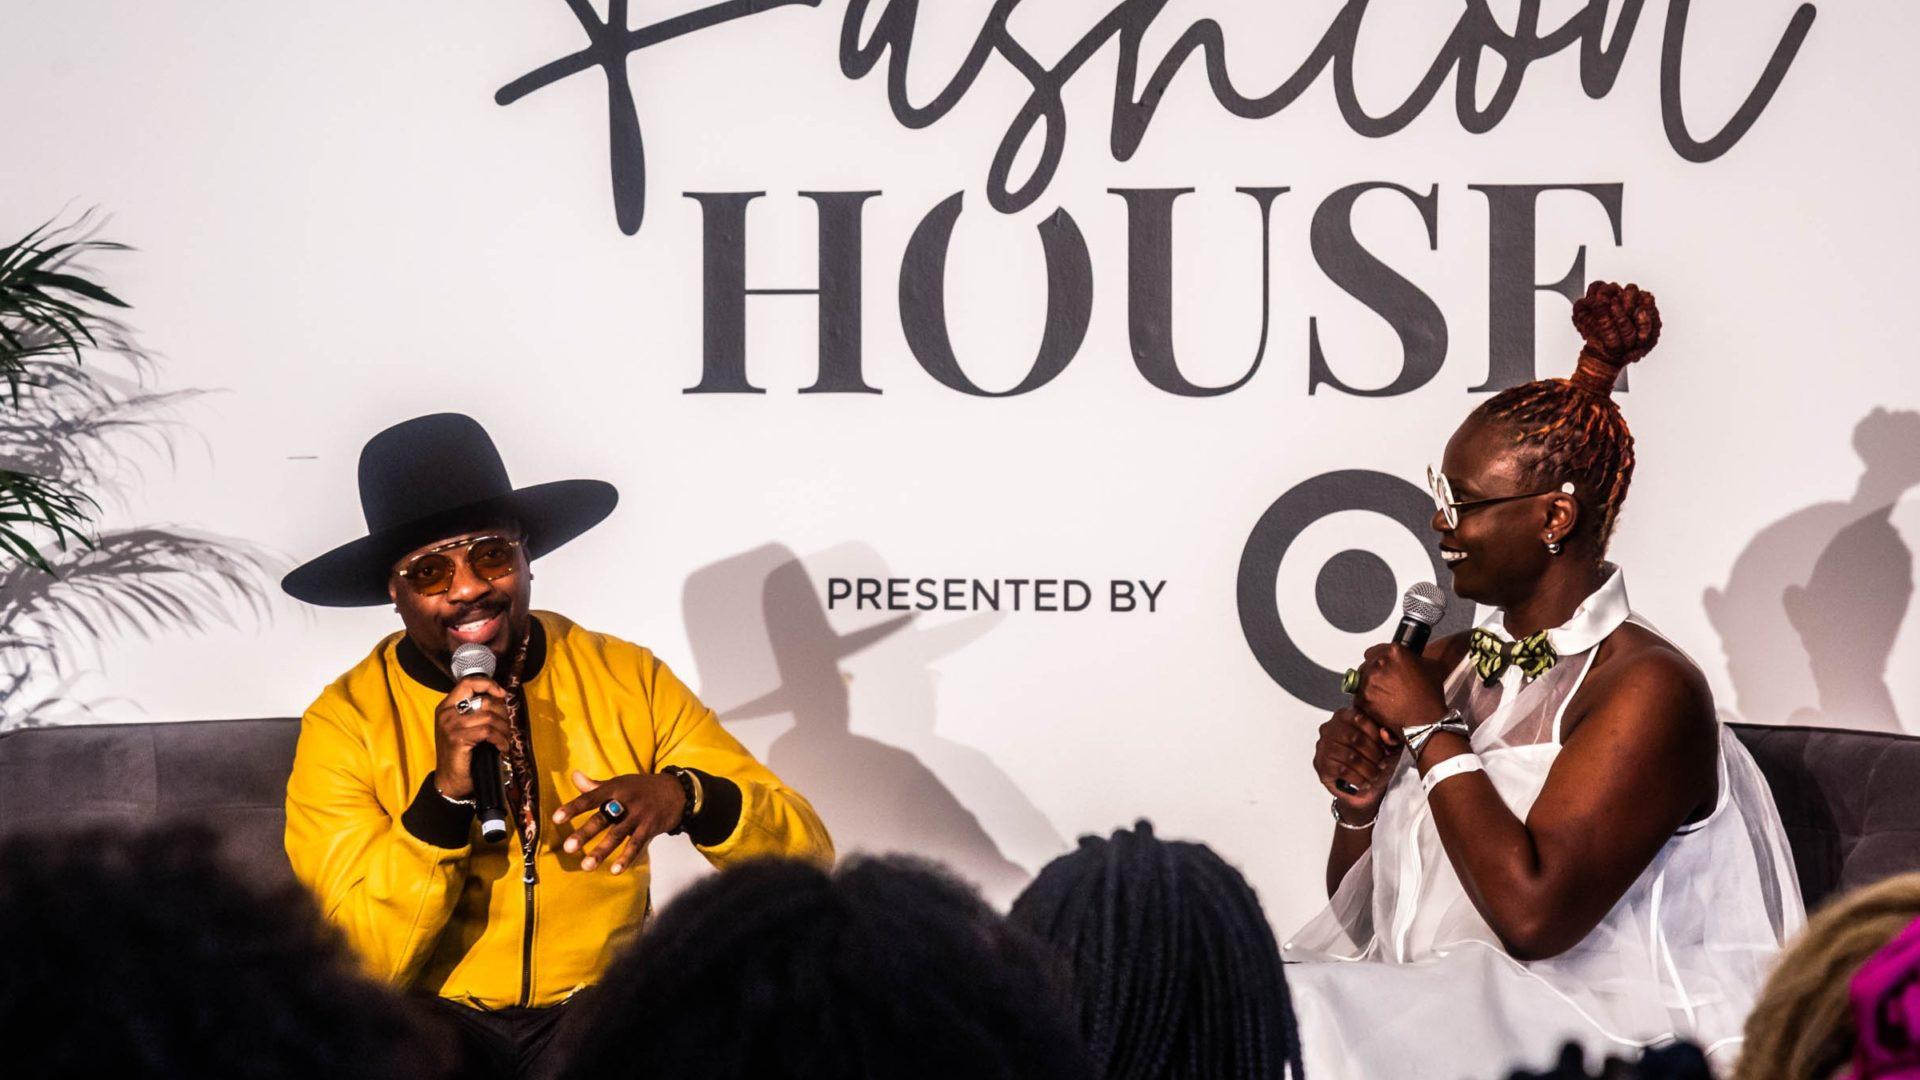 ESSENCE Fashion House: Anthony Hamilton And Target's Caroline Wanga Talk Revolutionizing Accessible Design